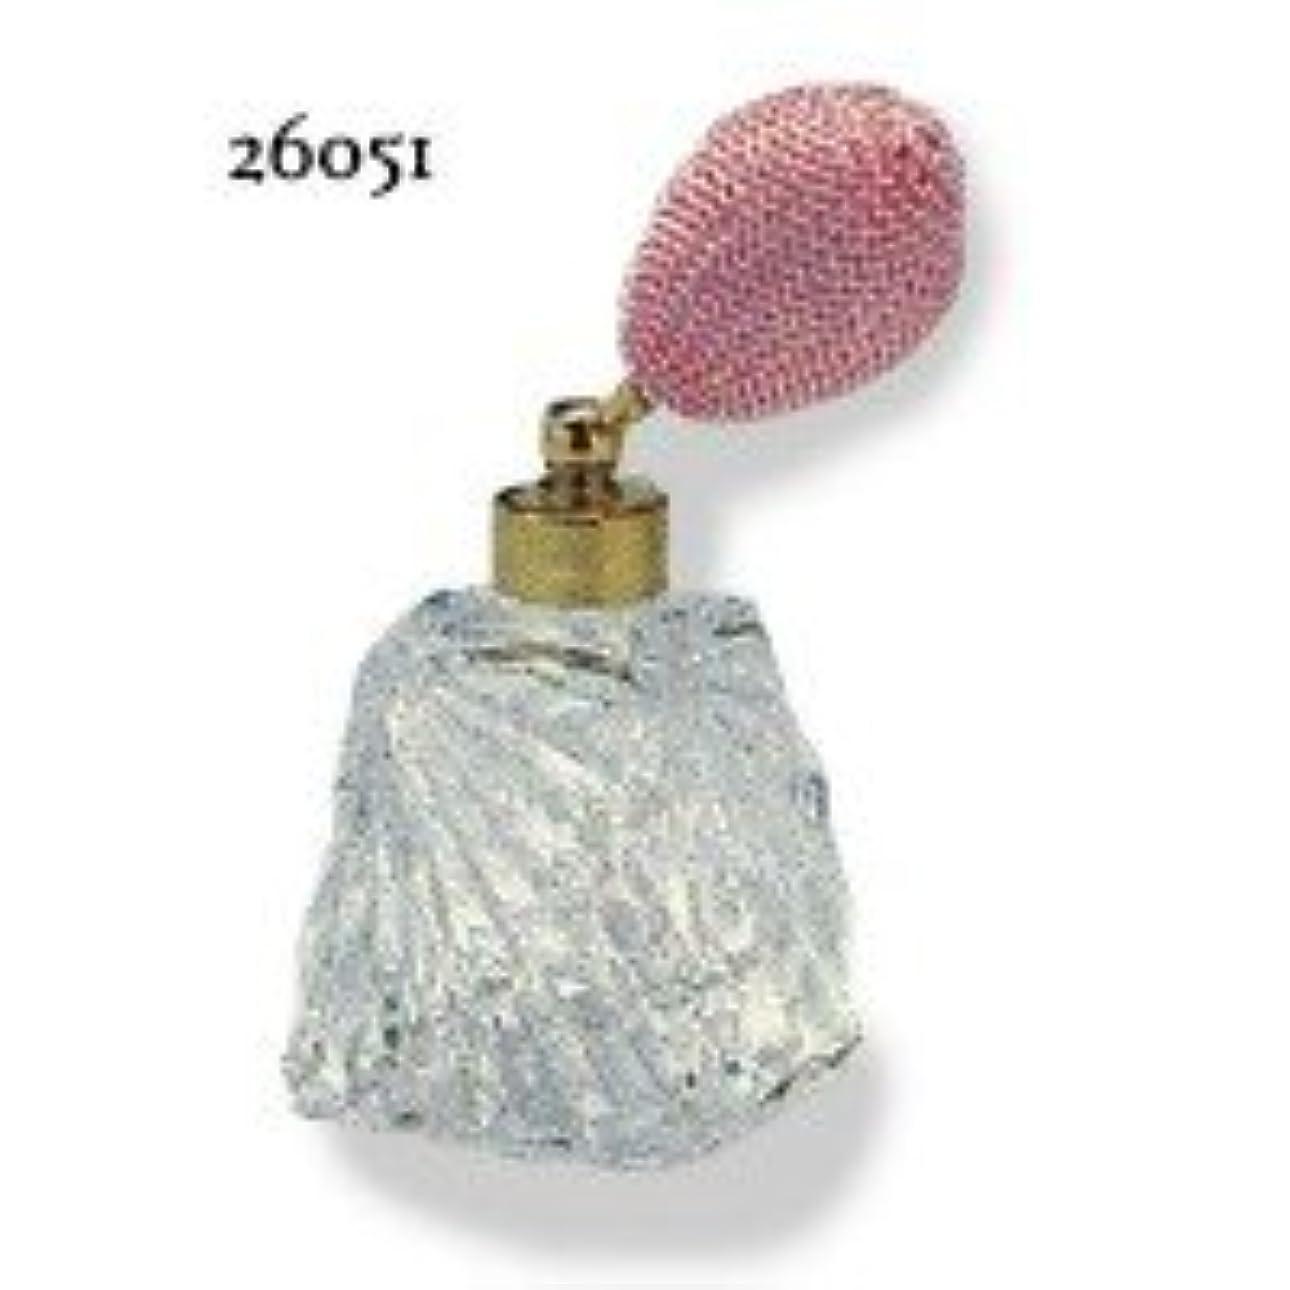 コロニー泣く見えないドイツ製クリスタル香水瓶リードクリスタル 短